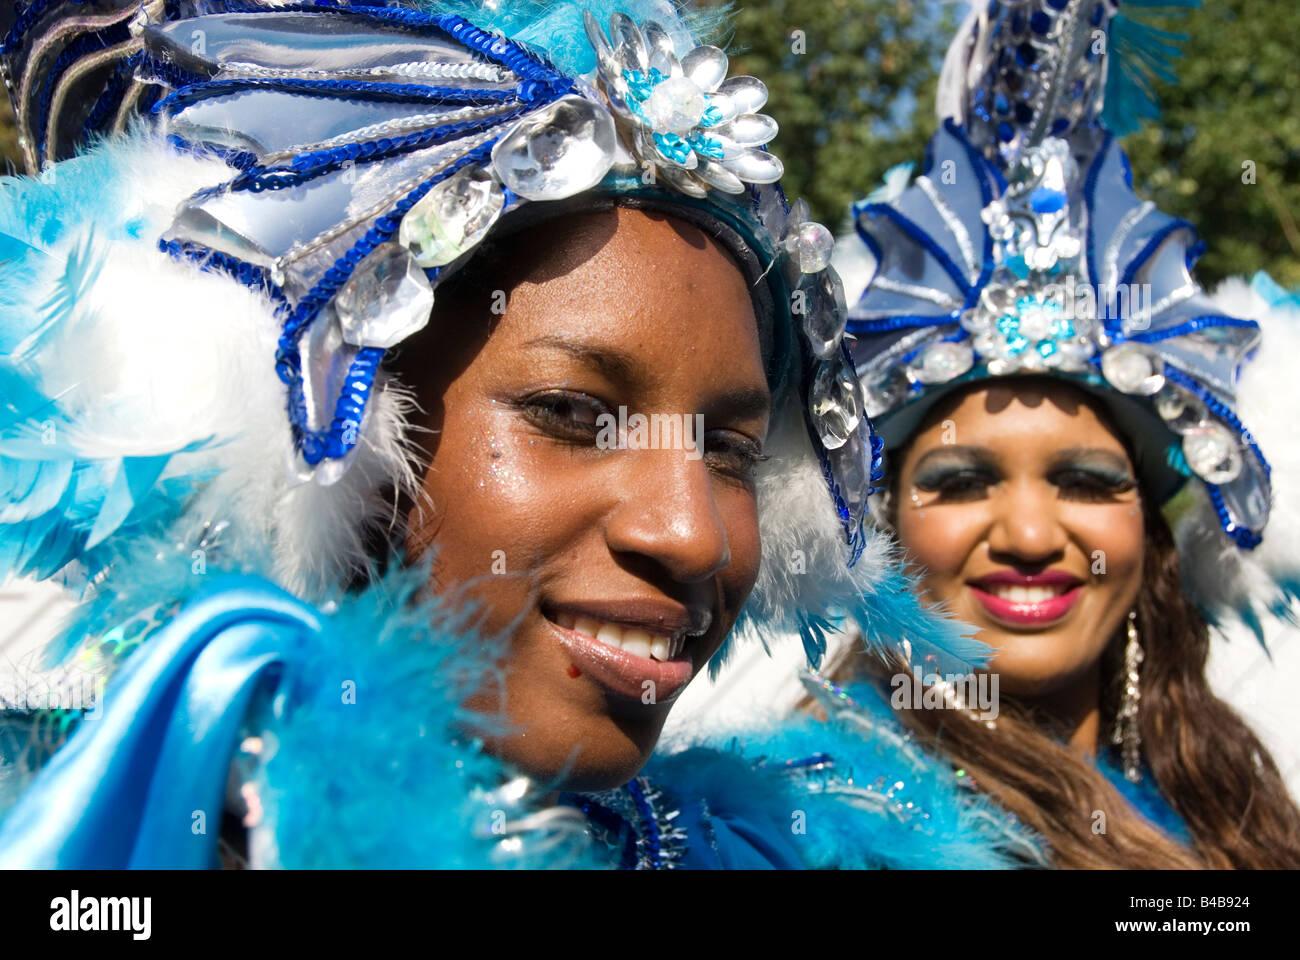 Hackney carnival September 28th 2008 - Stock Image